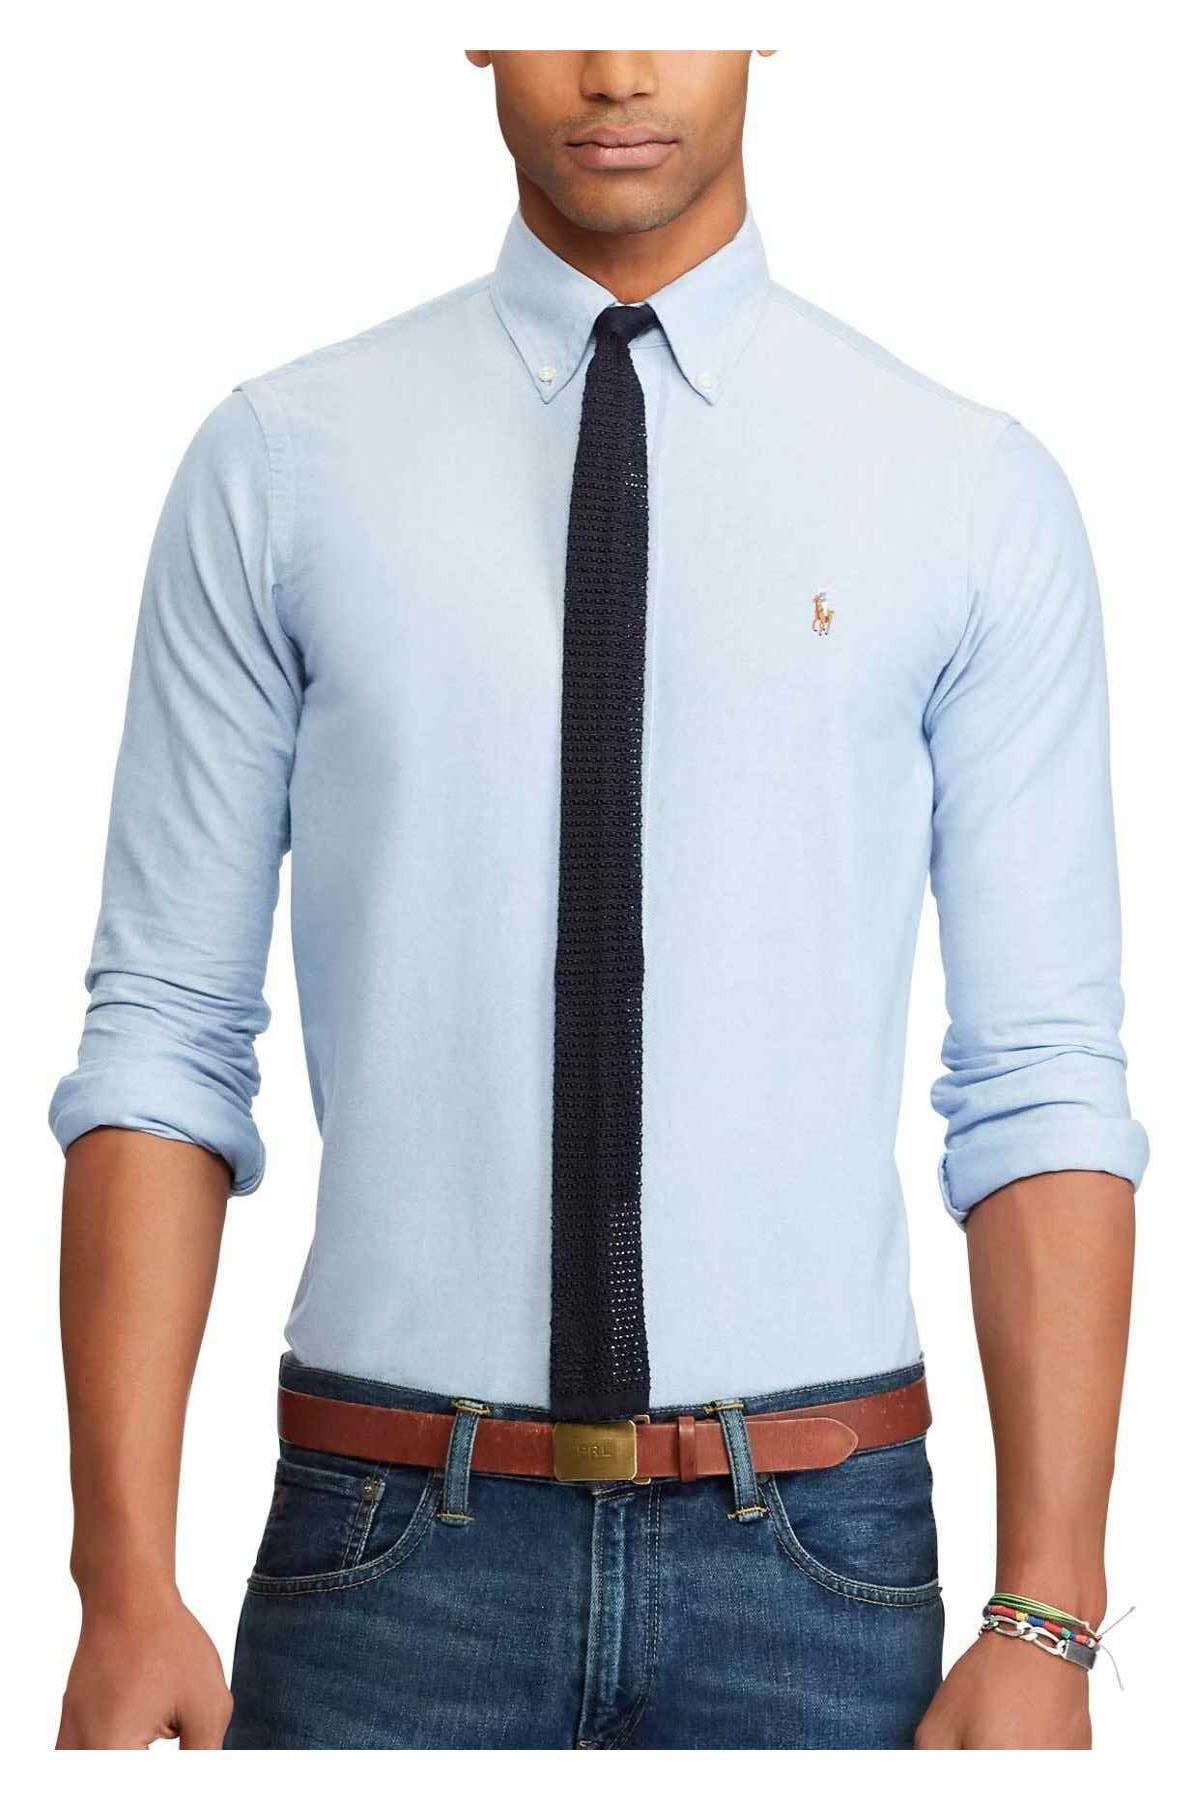 Polo Ralph Lauren Erkek Mavi Gömlek 3830056747060 1